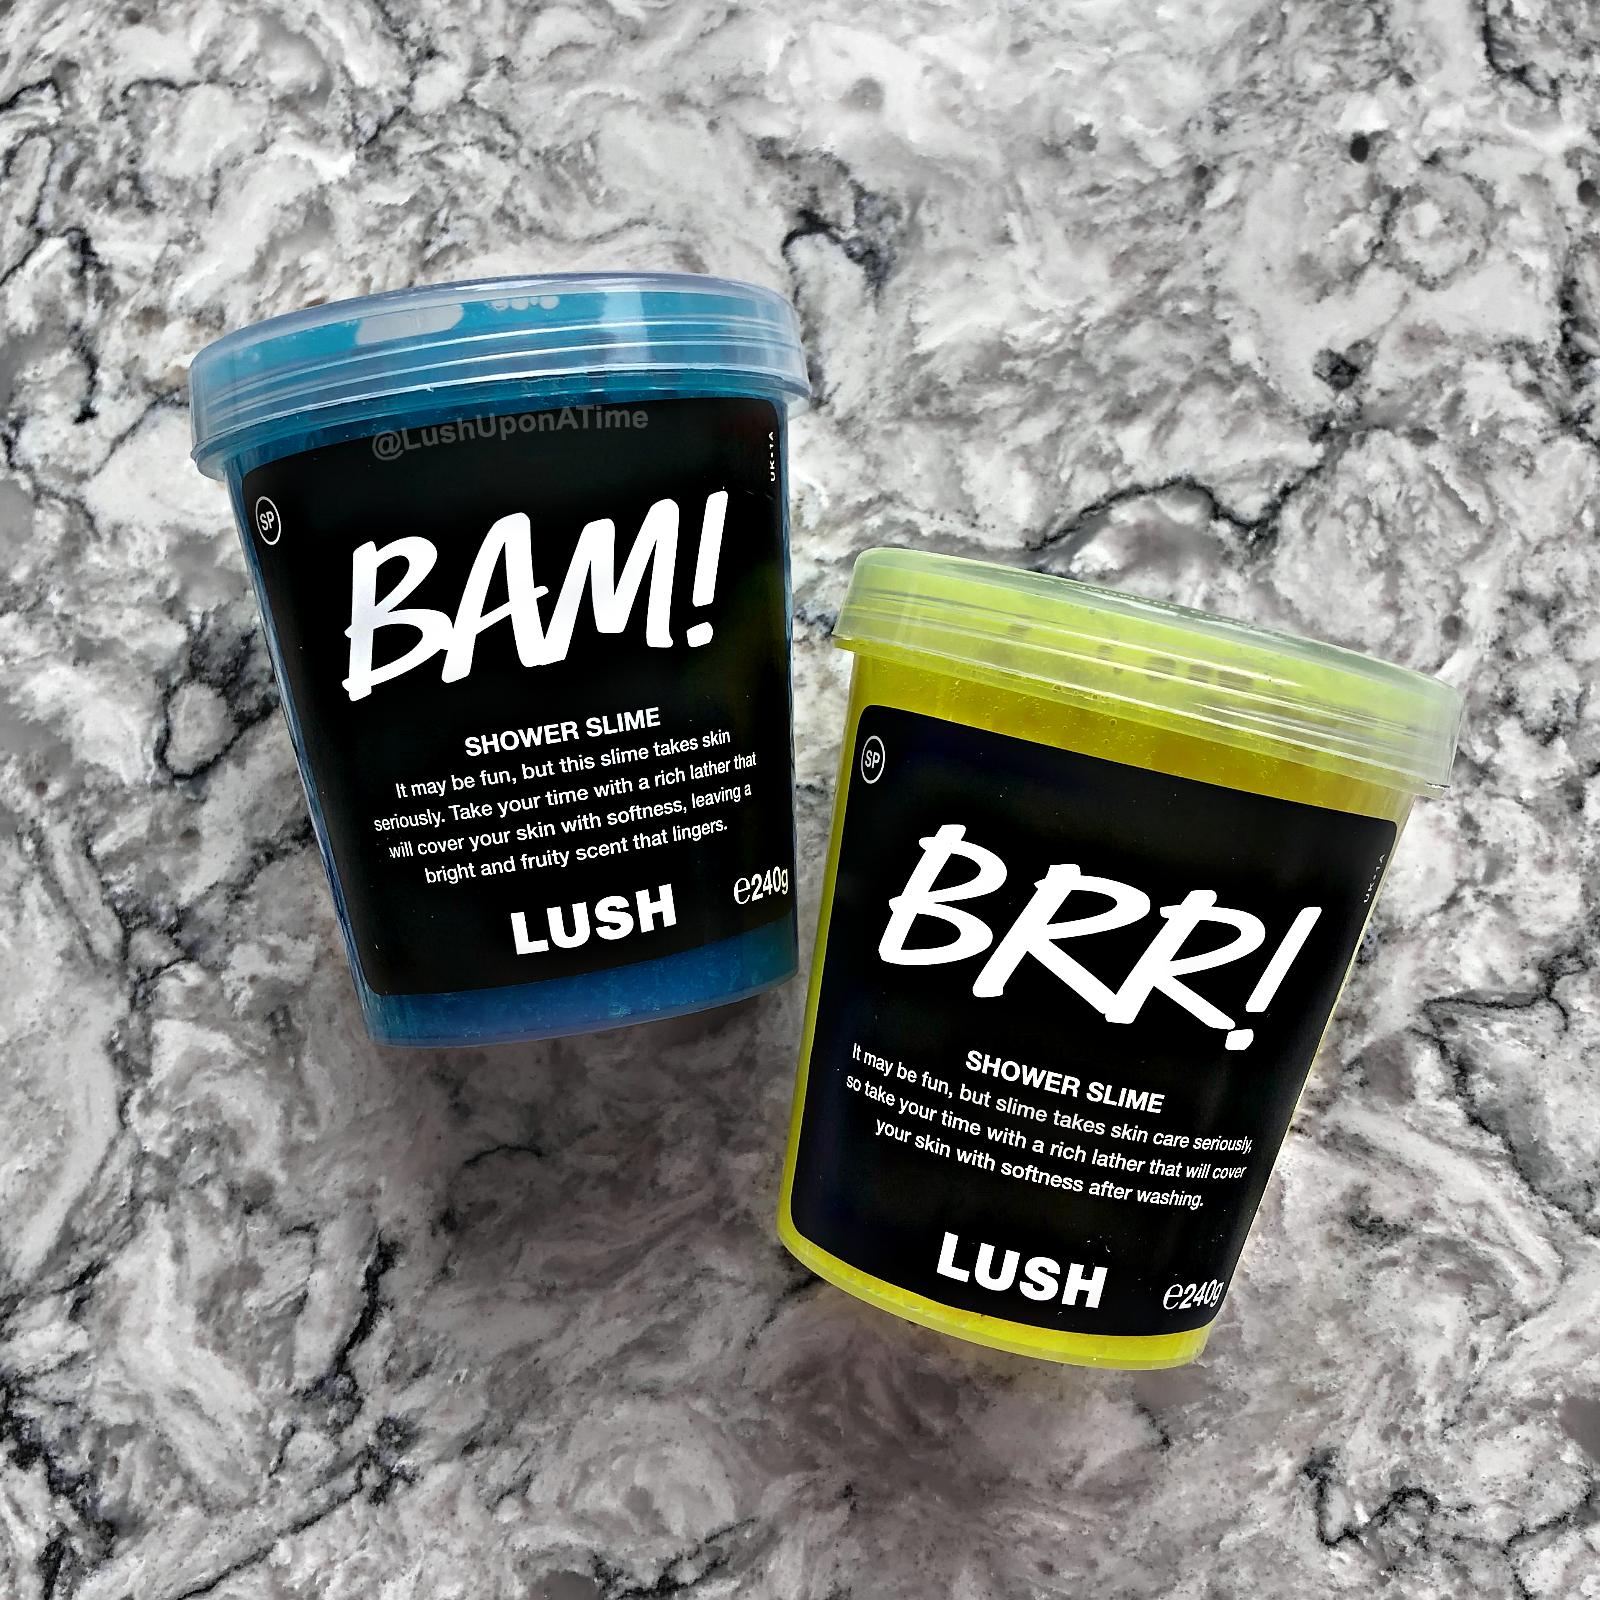 Bam&brr